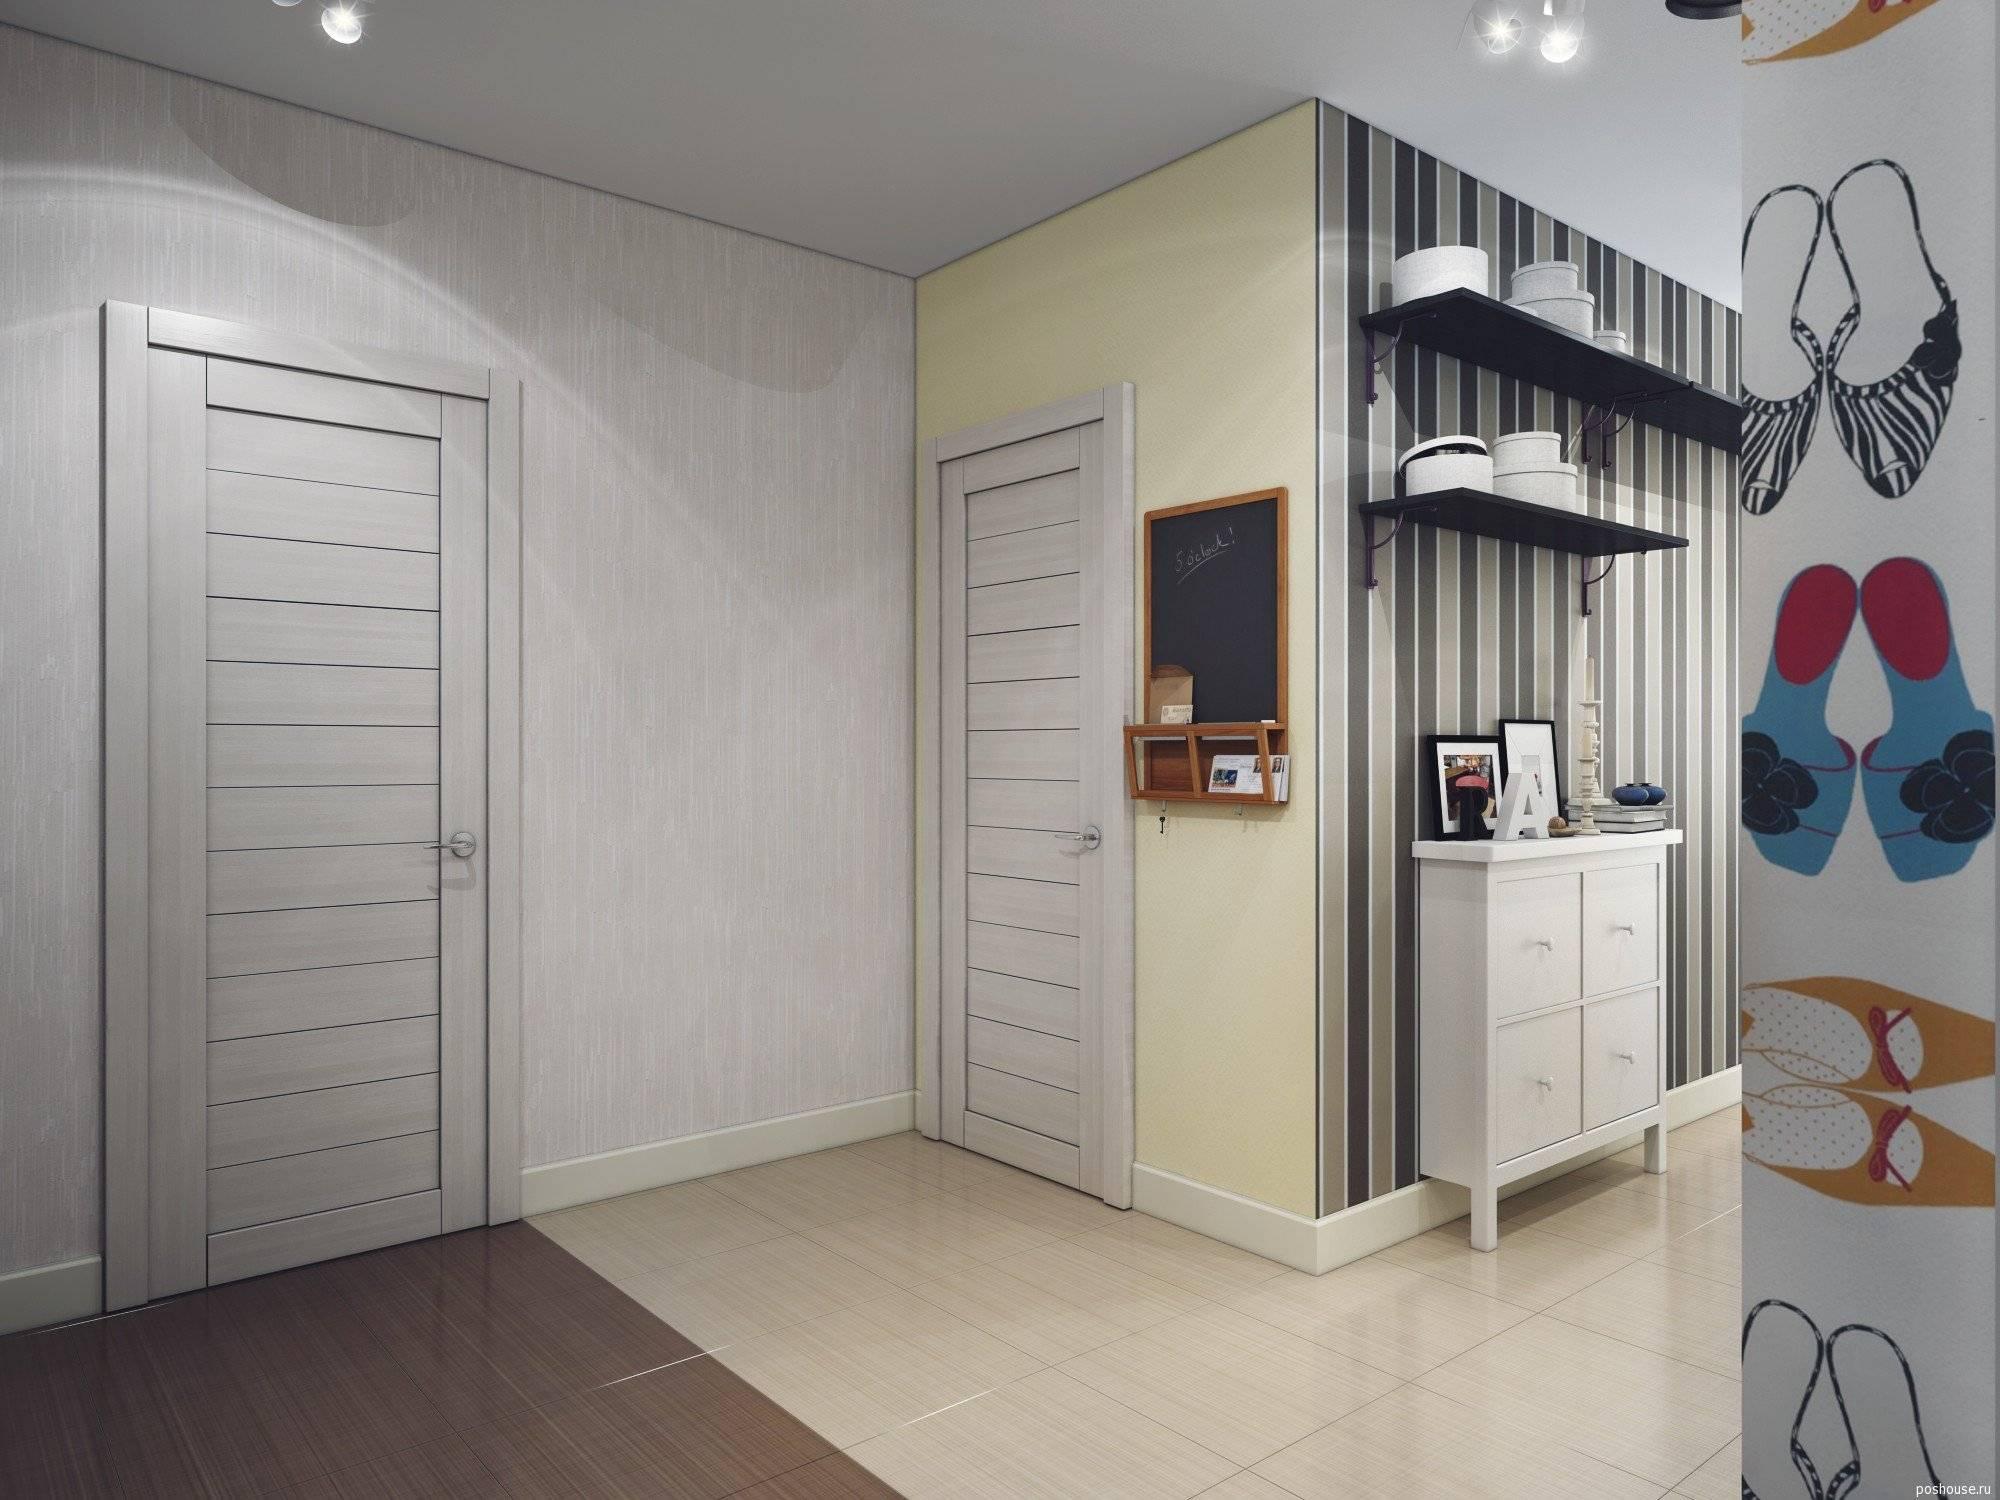 Дизайн трехкомнатной квартиры. классика или современность – что лучше для панельного дома?